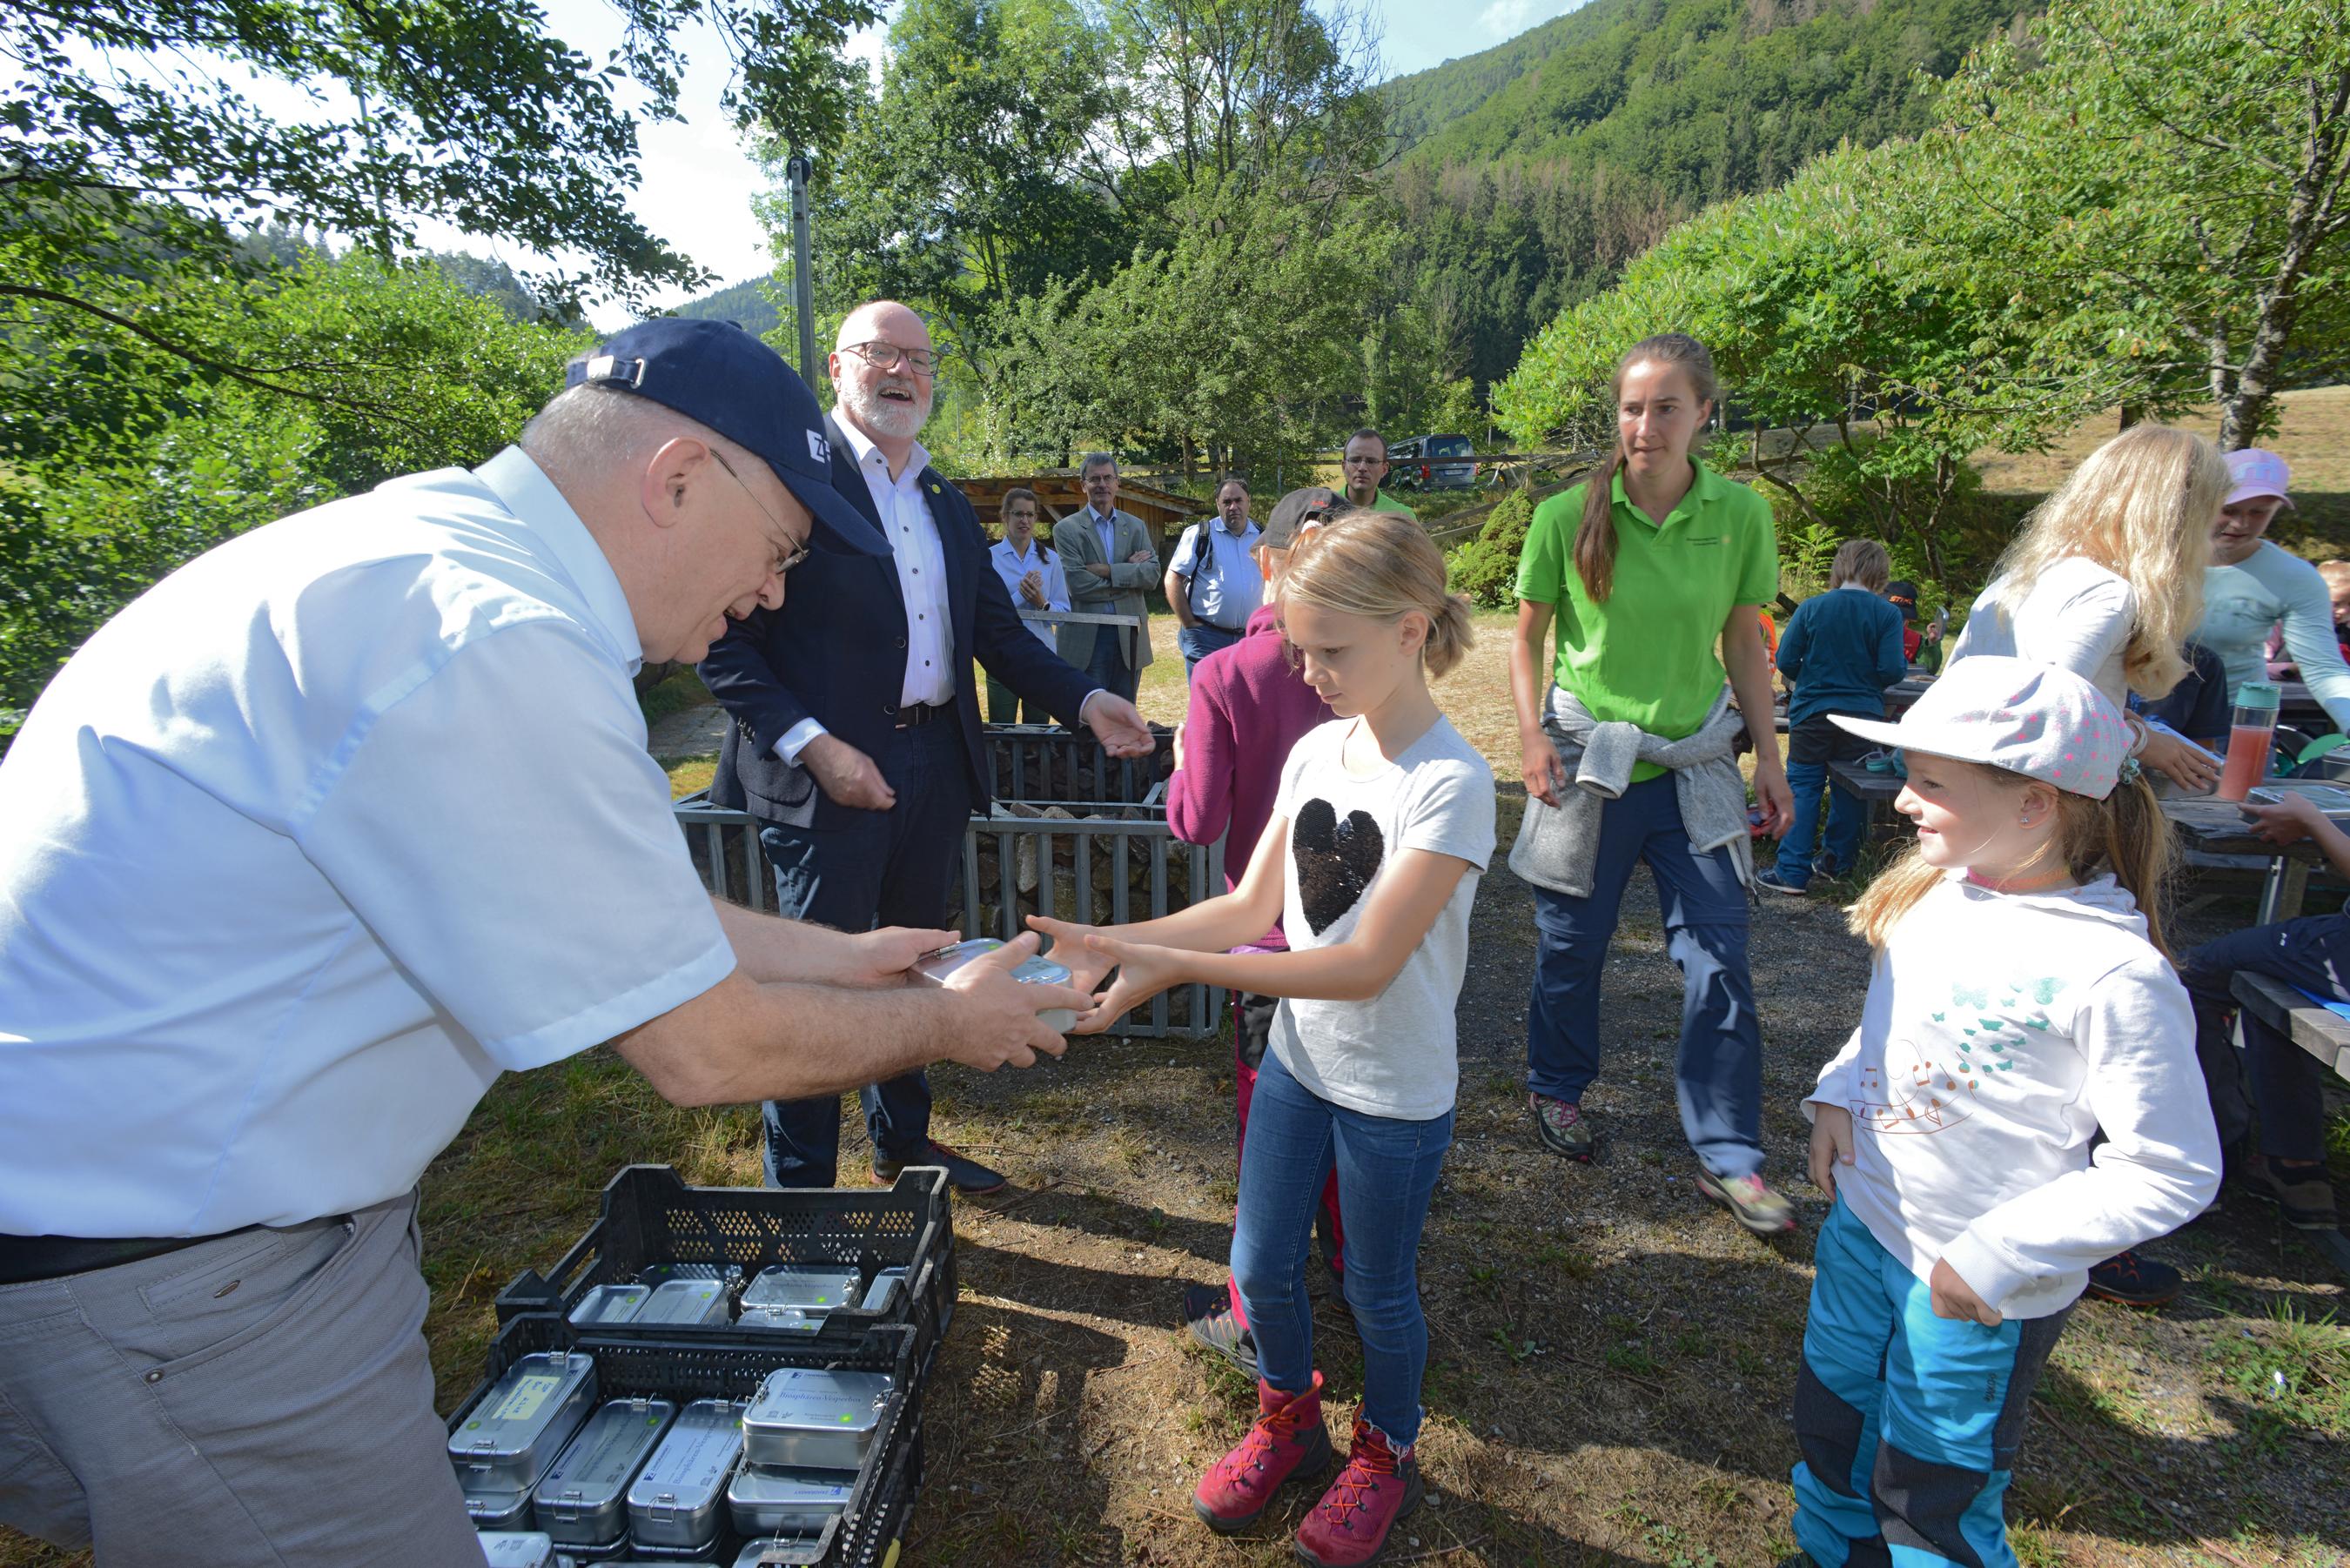 Regierungsvizepräsident Klemens Ficht und Vorstand Ulrich Zahoransky von der Zahoransky AG eröffnen erste Ferienfreizeit in Kooperation mit dem Biosphärengebiet Schwarzwald